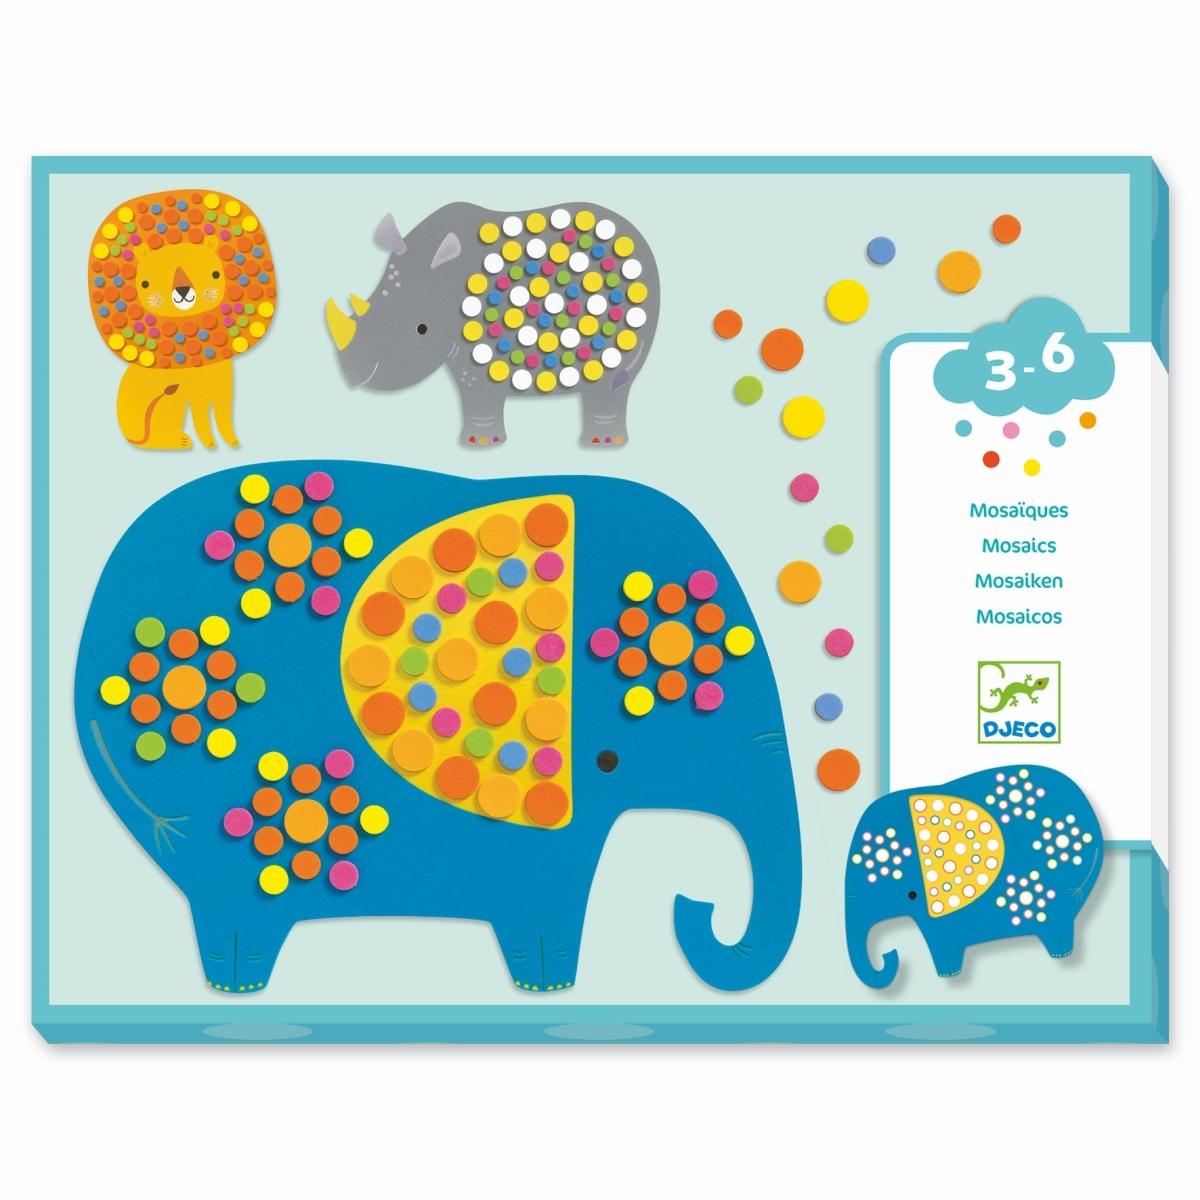 Djeco Mosaiken mit Motiv Dschungeltiere, Alter 3-6 Jahre